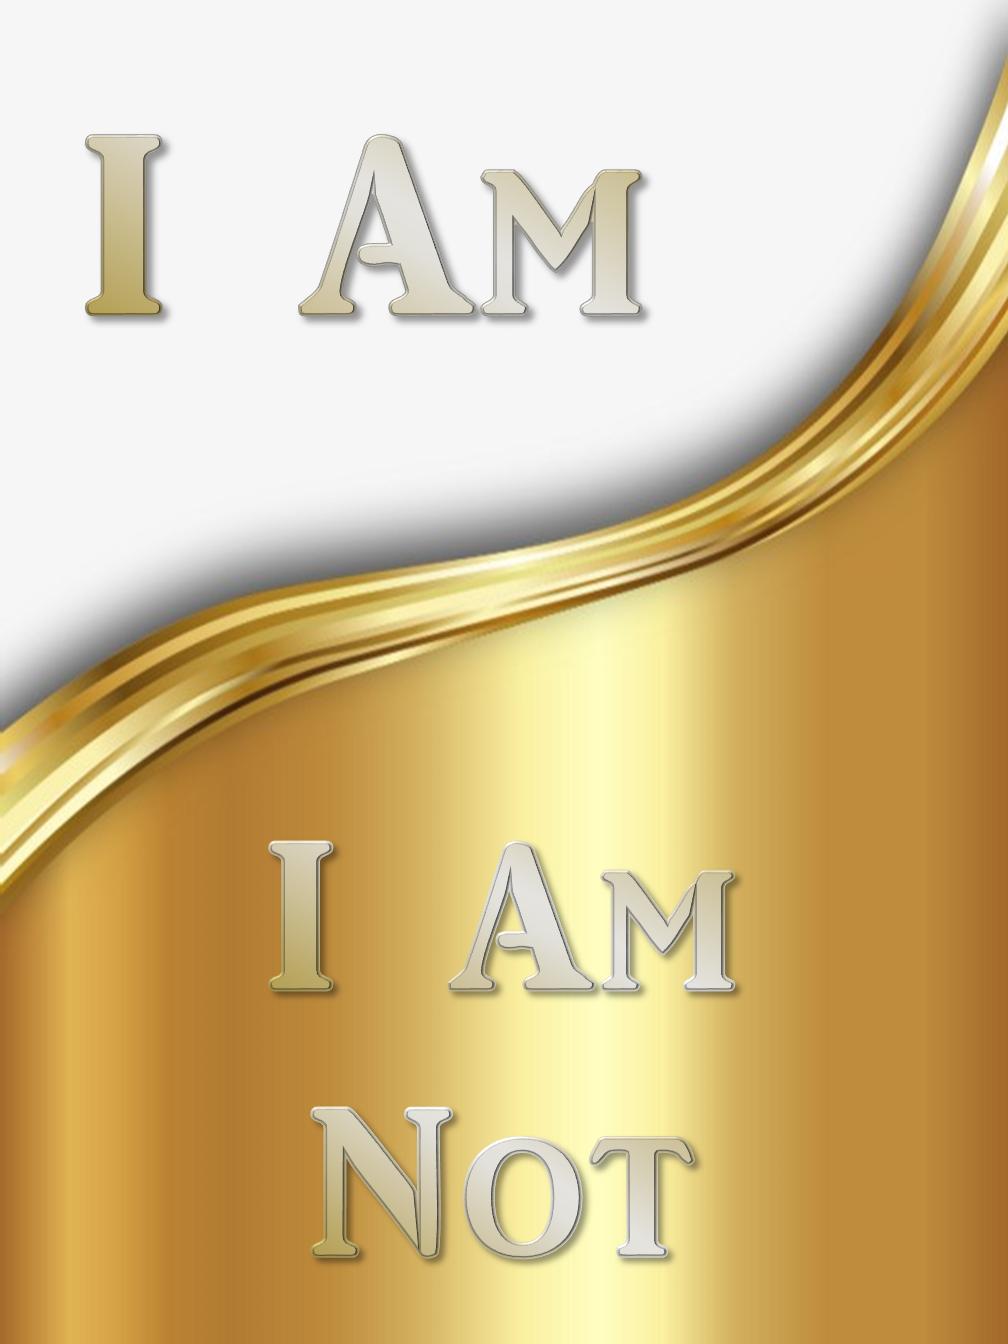 I Am - I Am Not